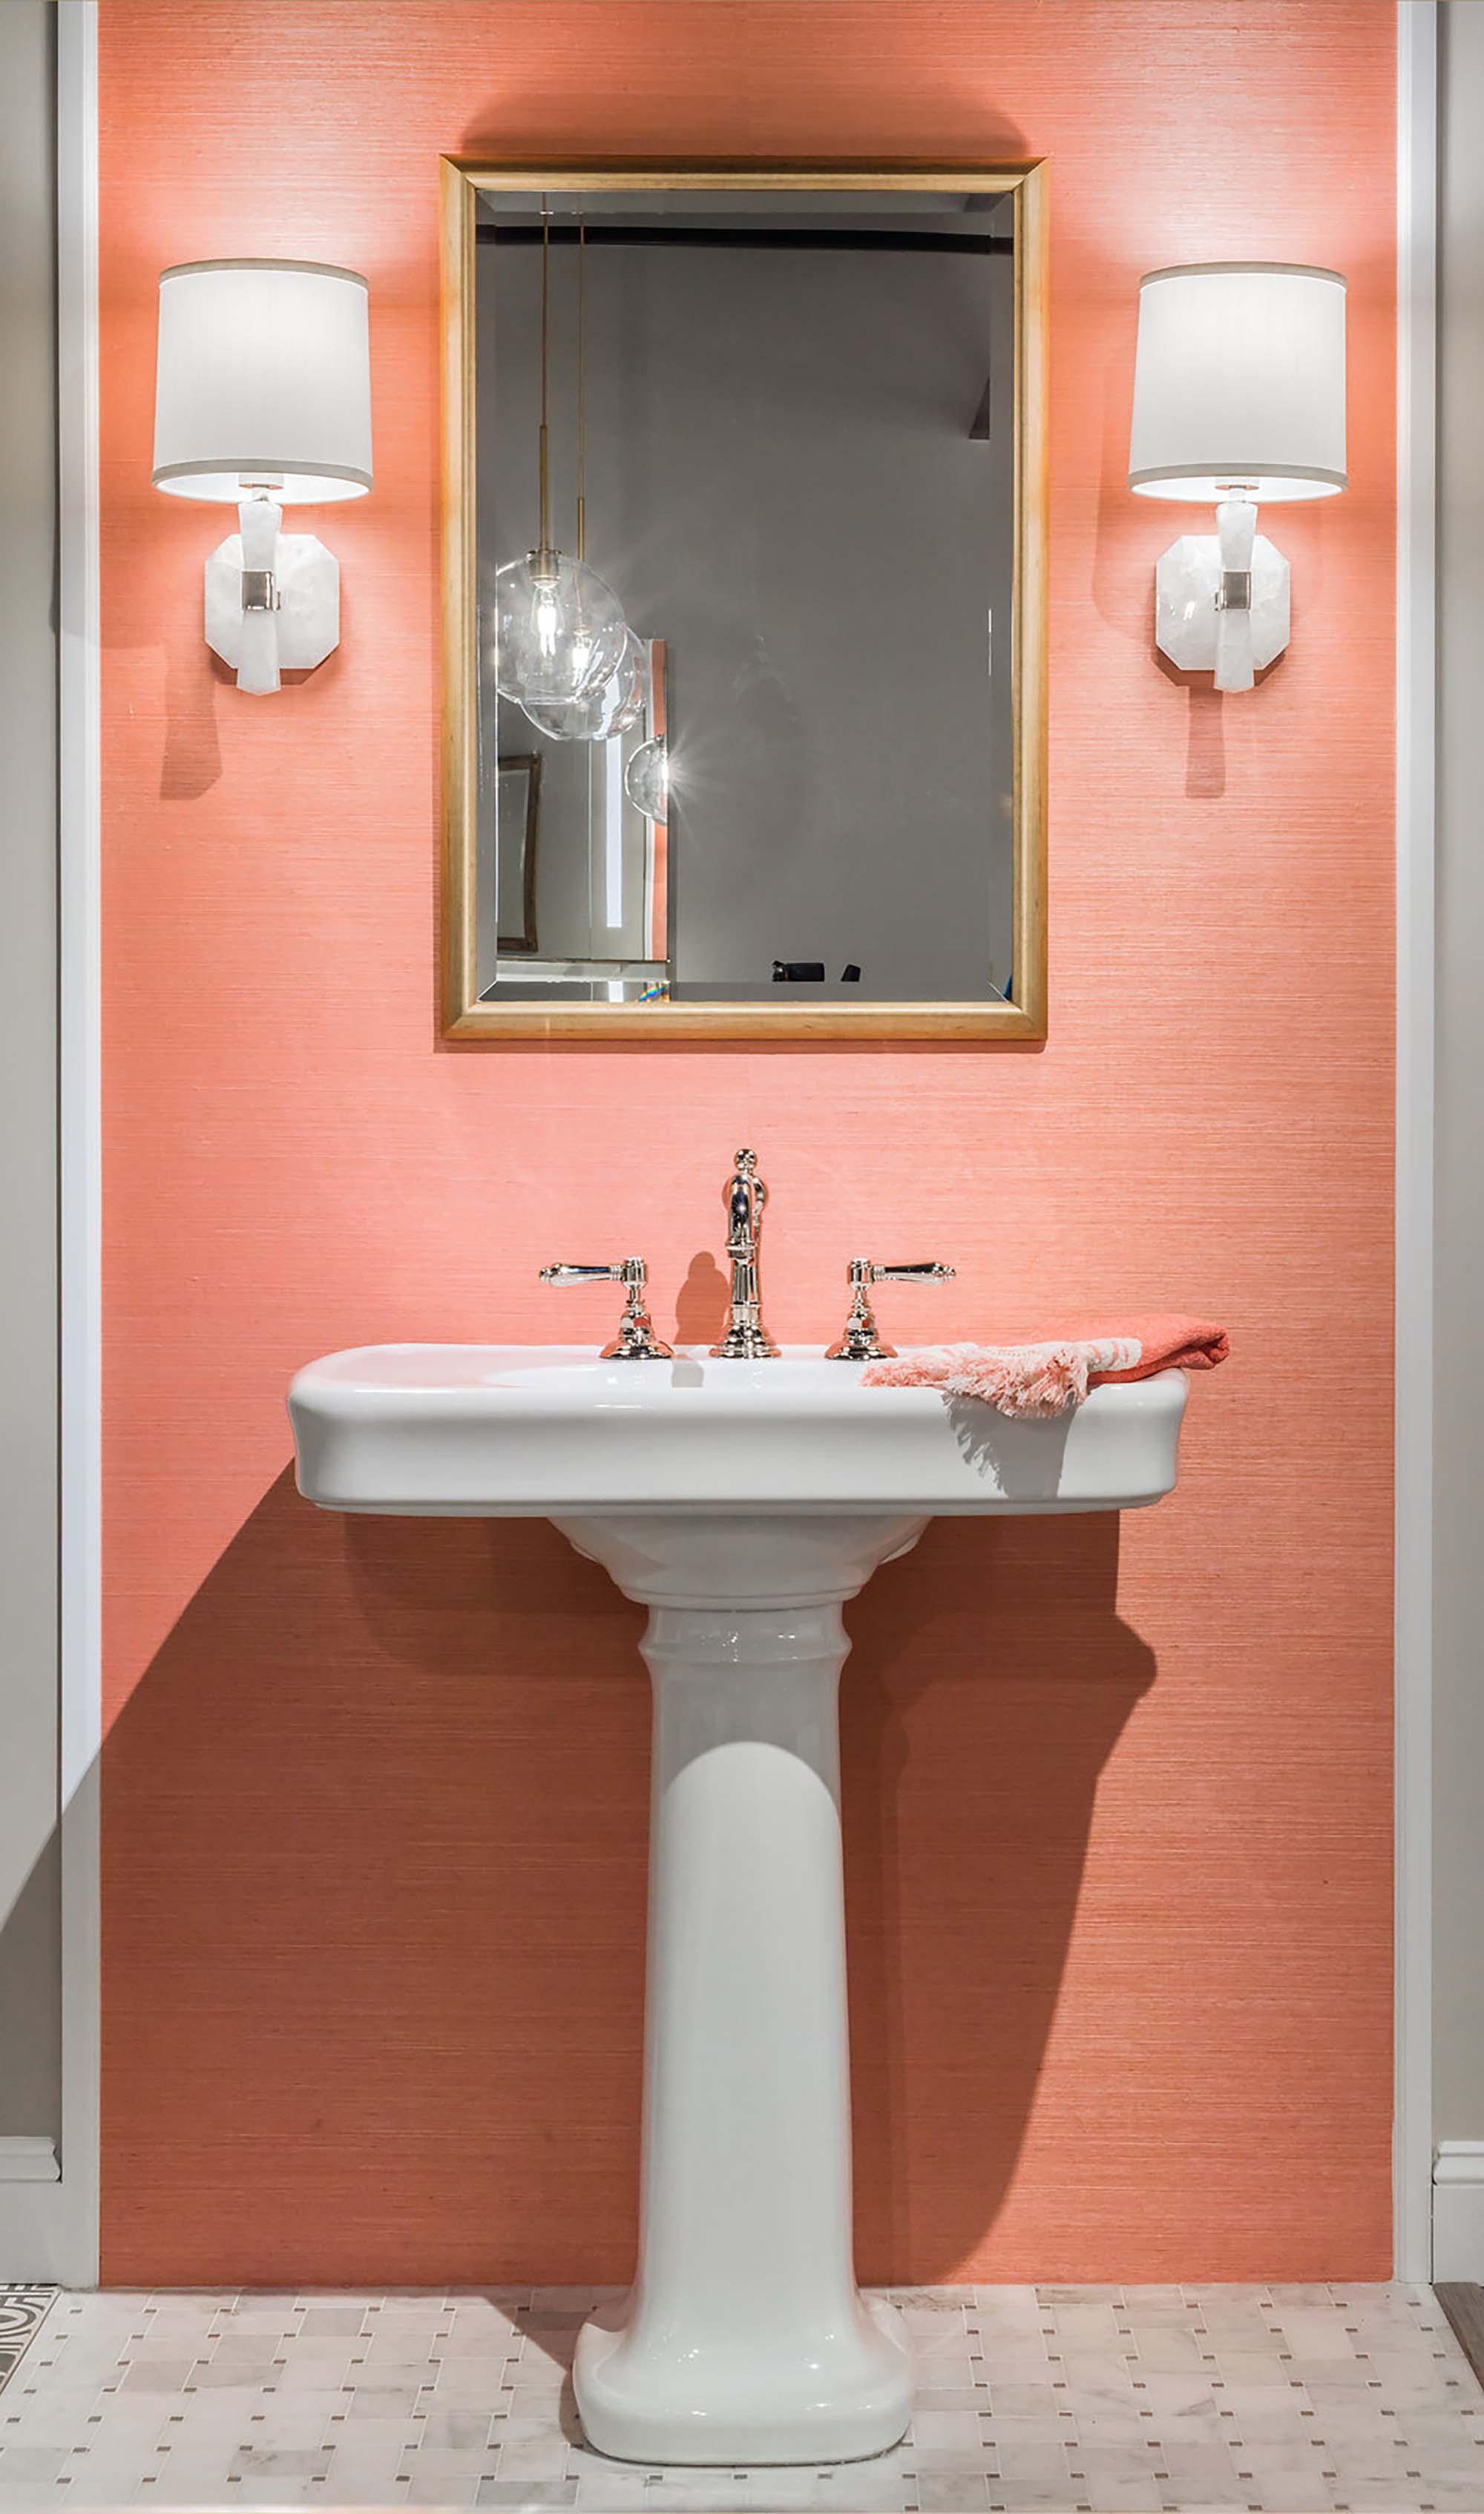 Bathroom fixtures by Snow & Jones